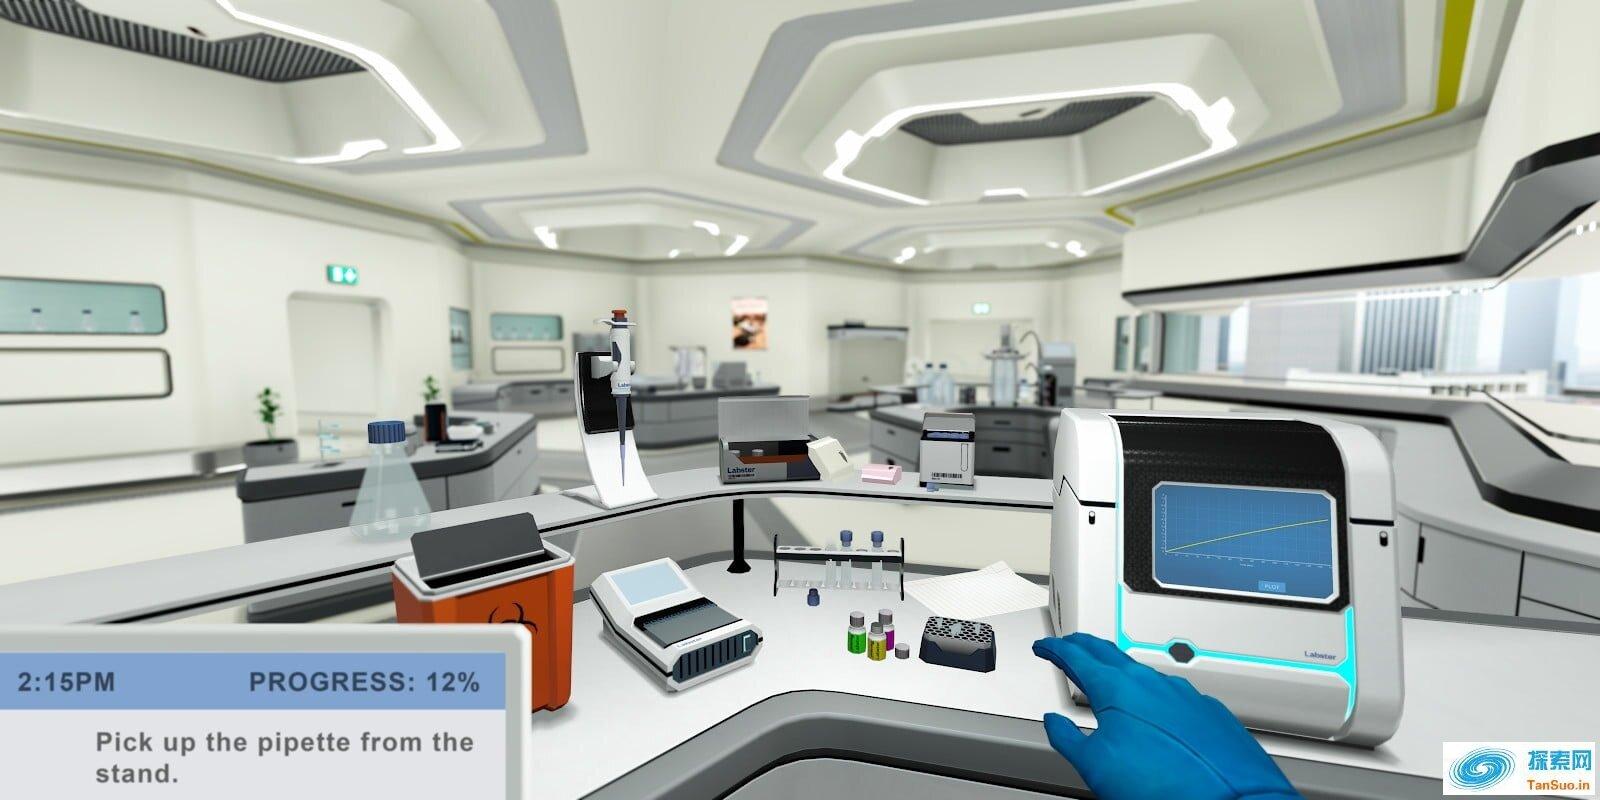 Google 的 Daydream 研发团队将 STEM 实验带进 VR 世界